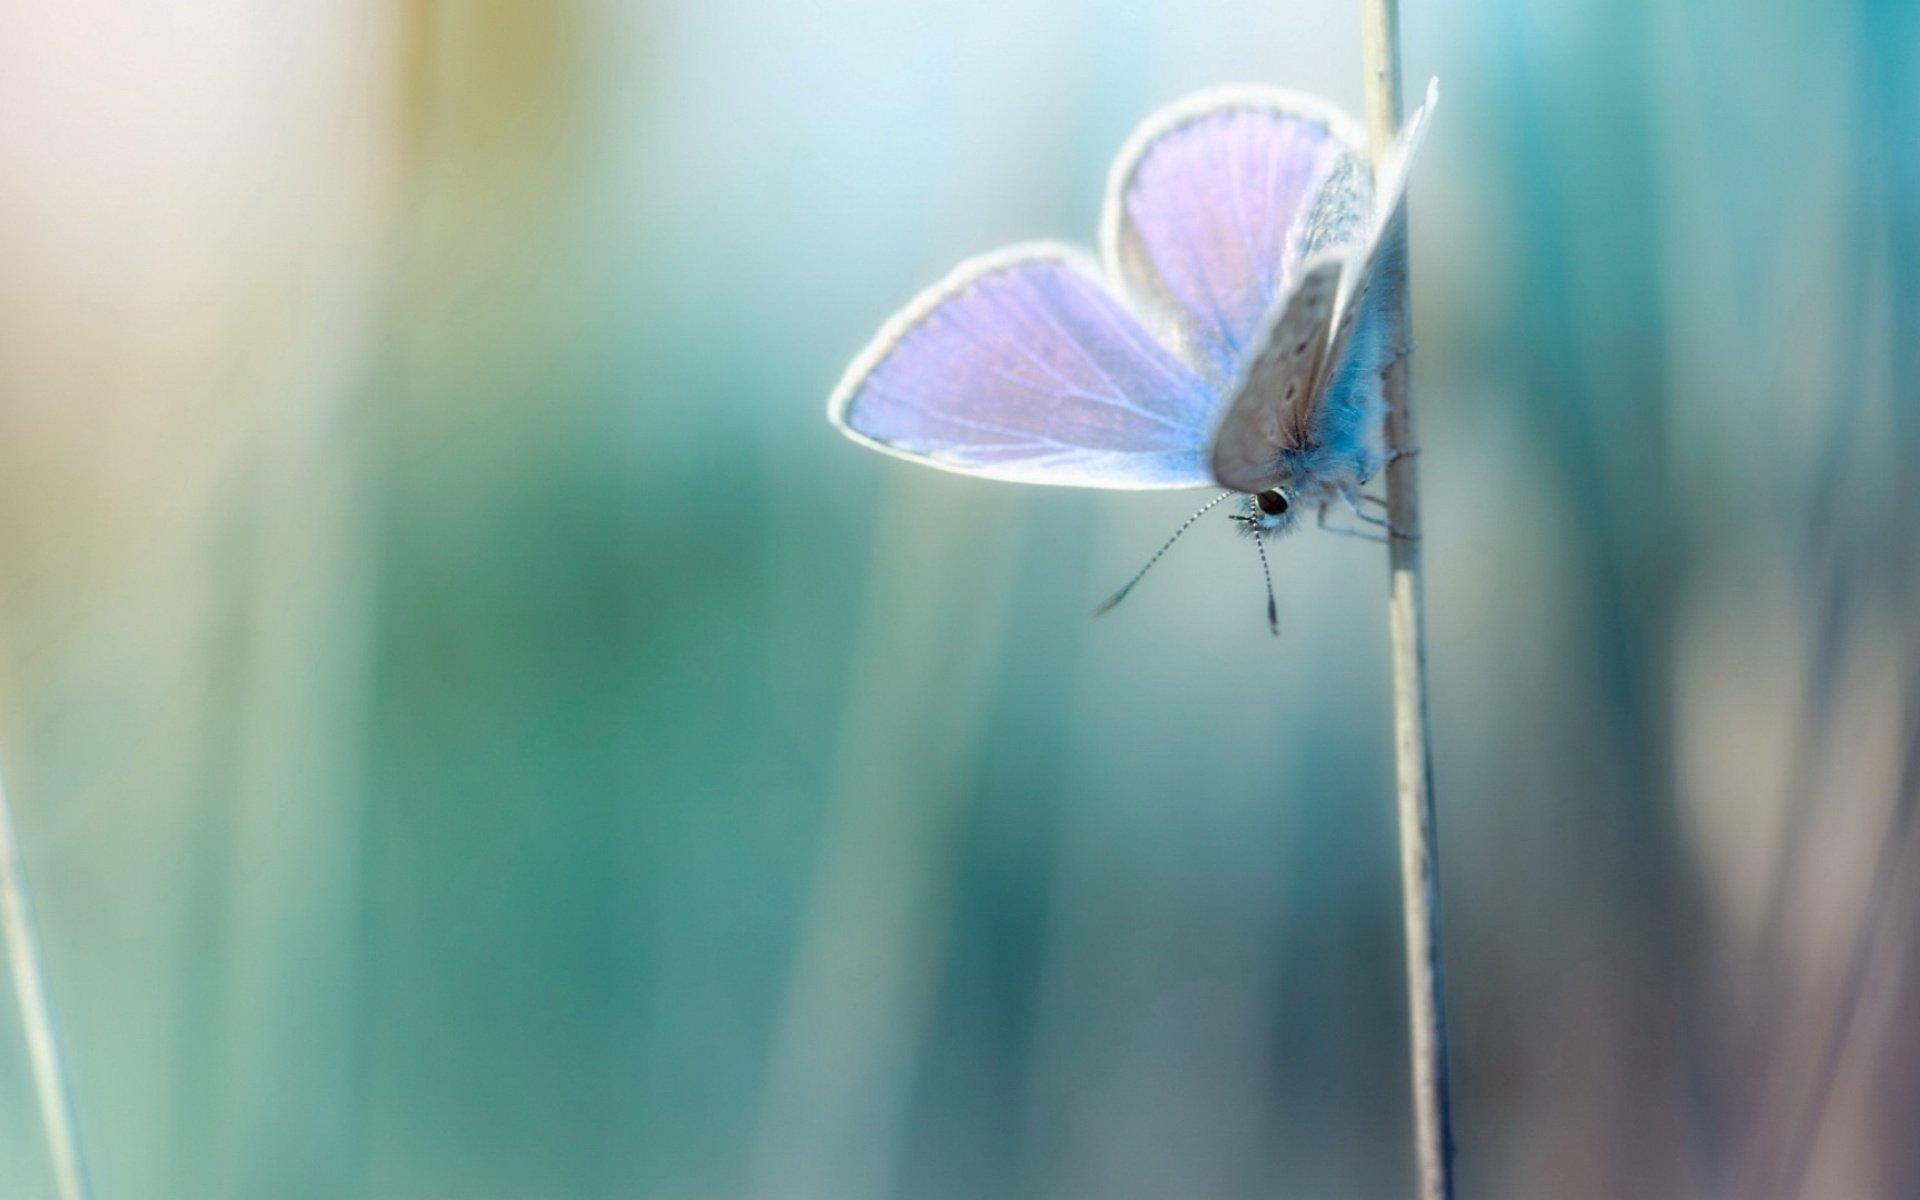 """停在枝头上的紫色小清新蝴蝶PPT背景图片免费下载是由PPT宝藏(www.pptbz.com)会员zengmin上传推荐的淡雅PPT背景图片, 更新时间为2017-01-13,素材编号119090。 蝶,通称为""""蝴蝶"""",也称蛱(ji)蝶、胡蝶、浮蝶儿等,节肢动物门、昆虫纲、鳞翅目、锤角亚目动物的统称。 蝶,通称为""""蝴蝶"""",全世界大约有14000余种,大部分分布在美洲,尤其在亚马逊河流域品种最多,在世界其他地区除了南北极寒冷地带以外,都有分布,在亚洲台湾也以蝴蝶品种繁多著名。蝴蝶一"""